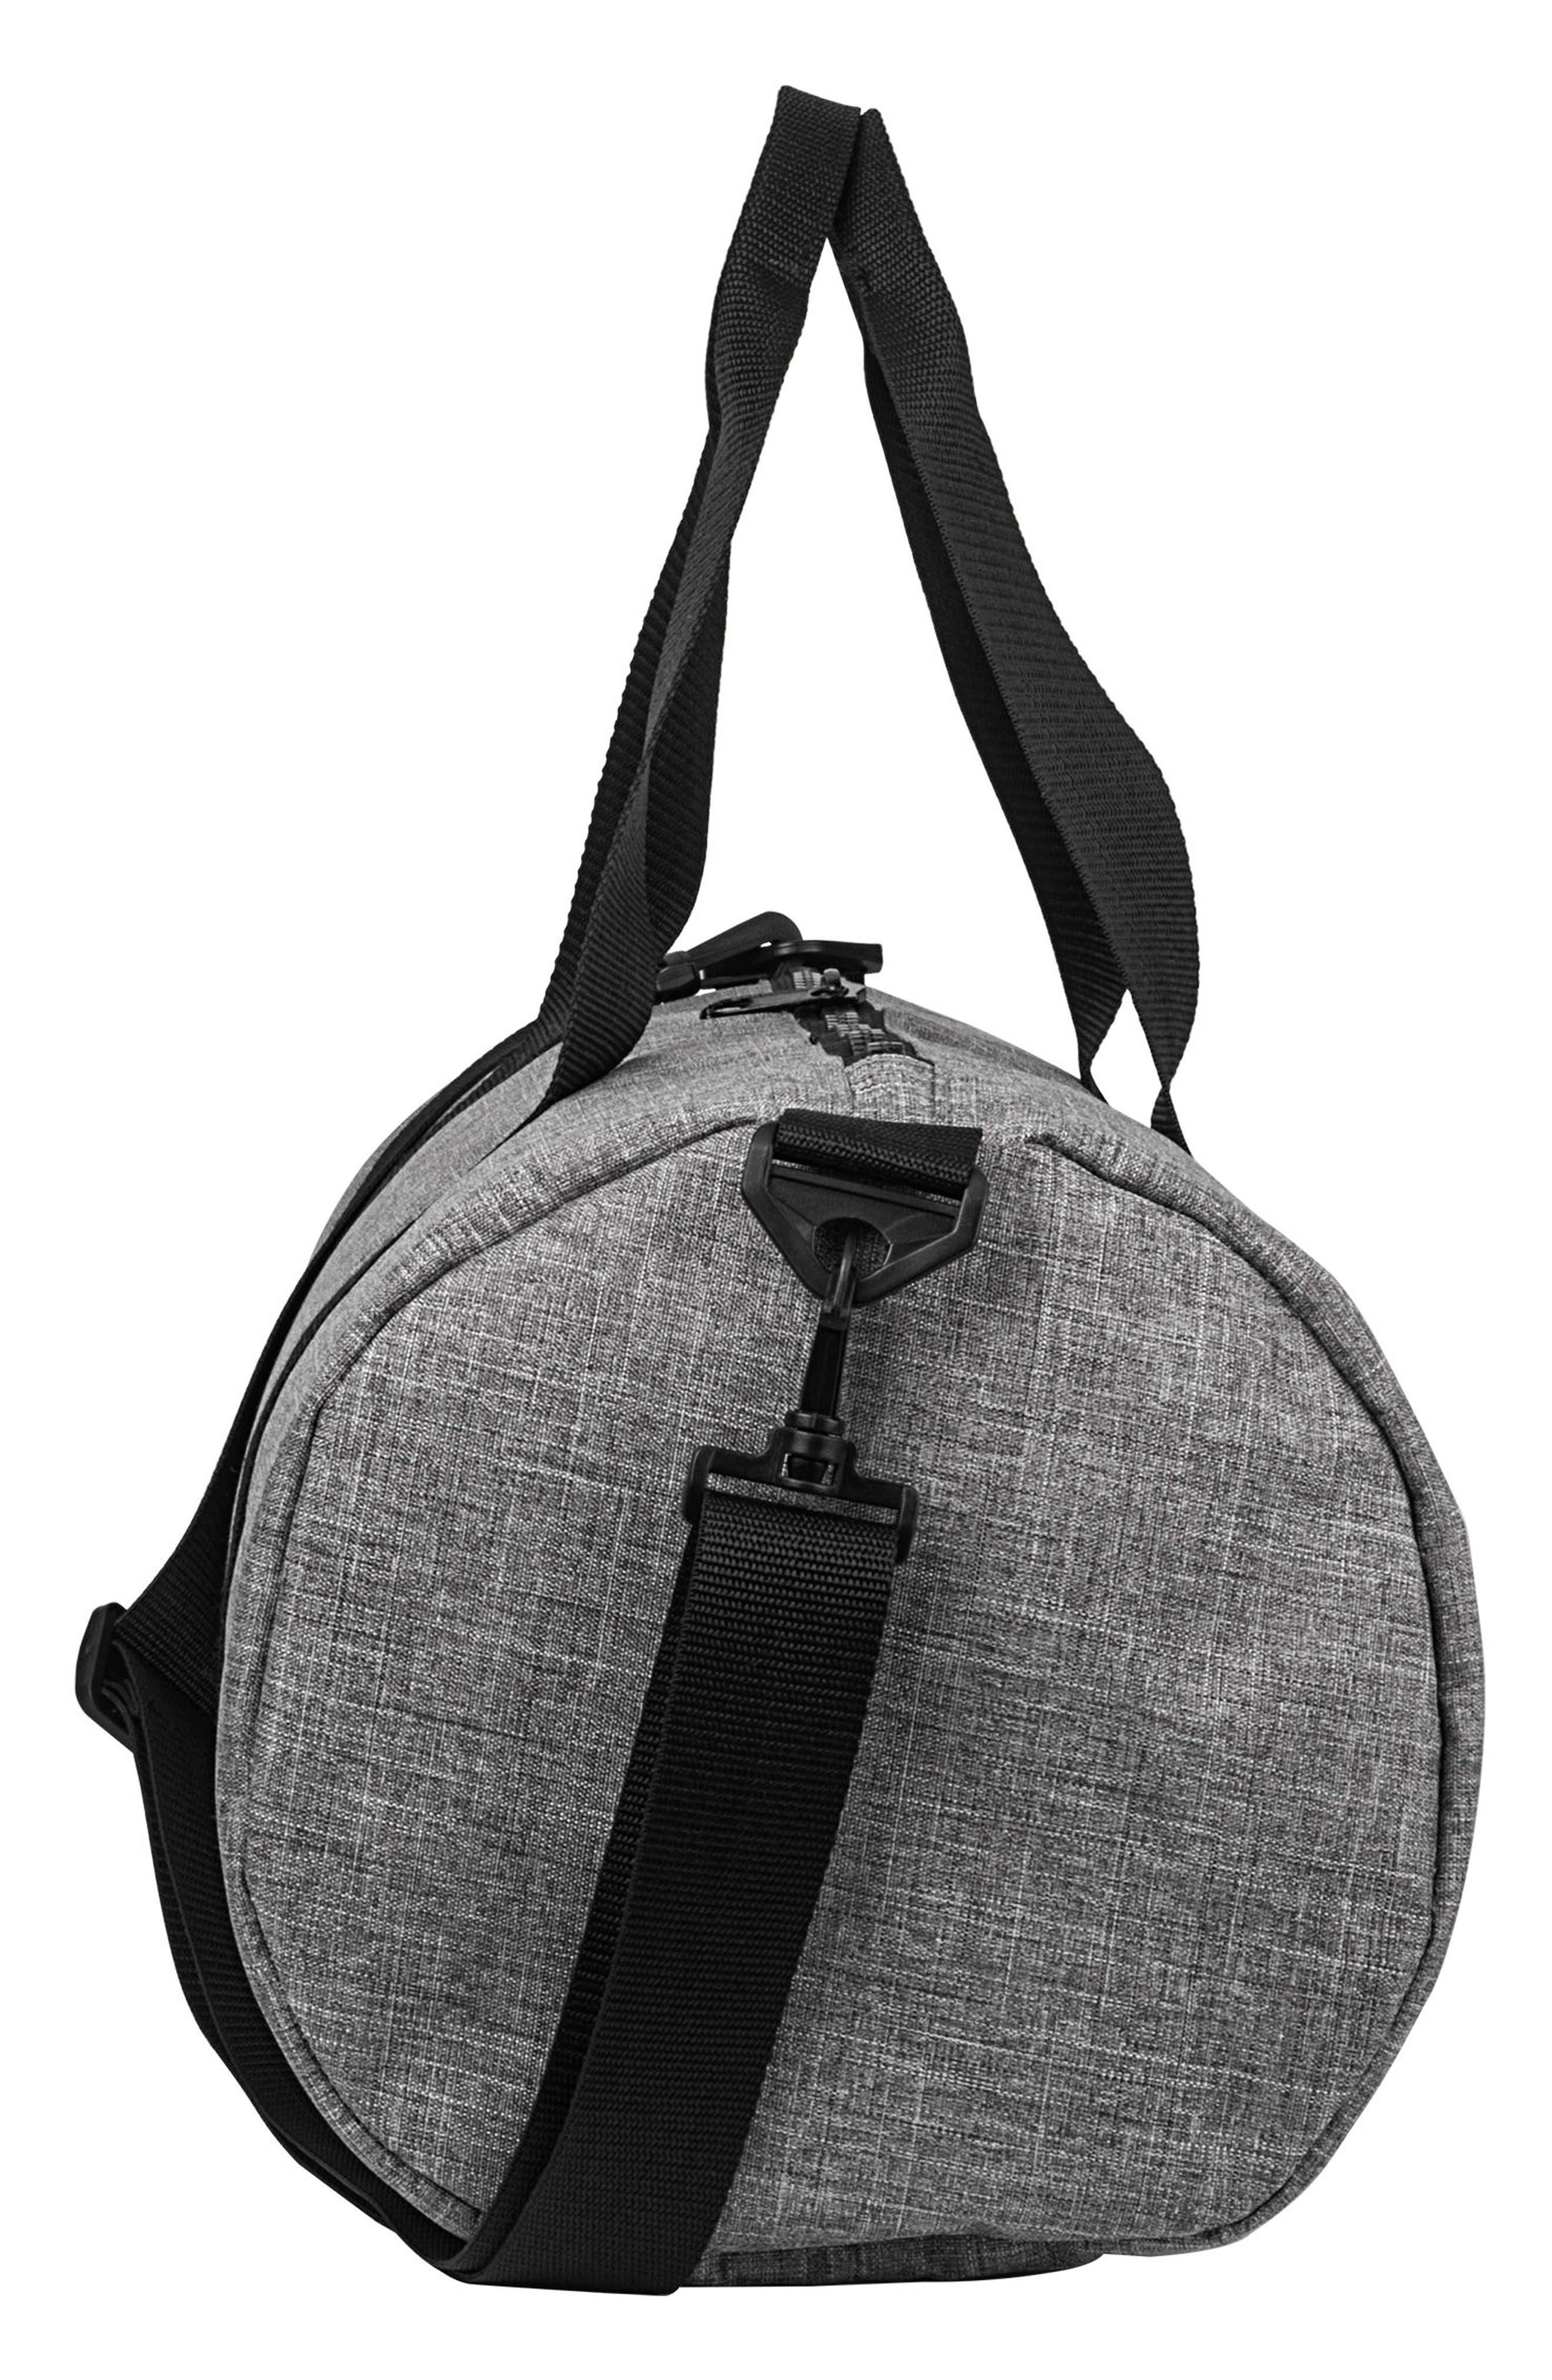 Monogram Duffel Bag,                             Alternate thumbnail 3, color,